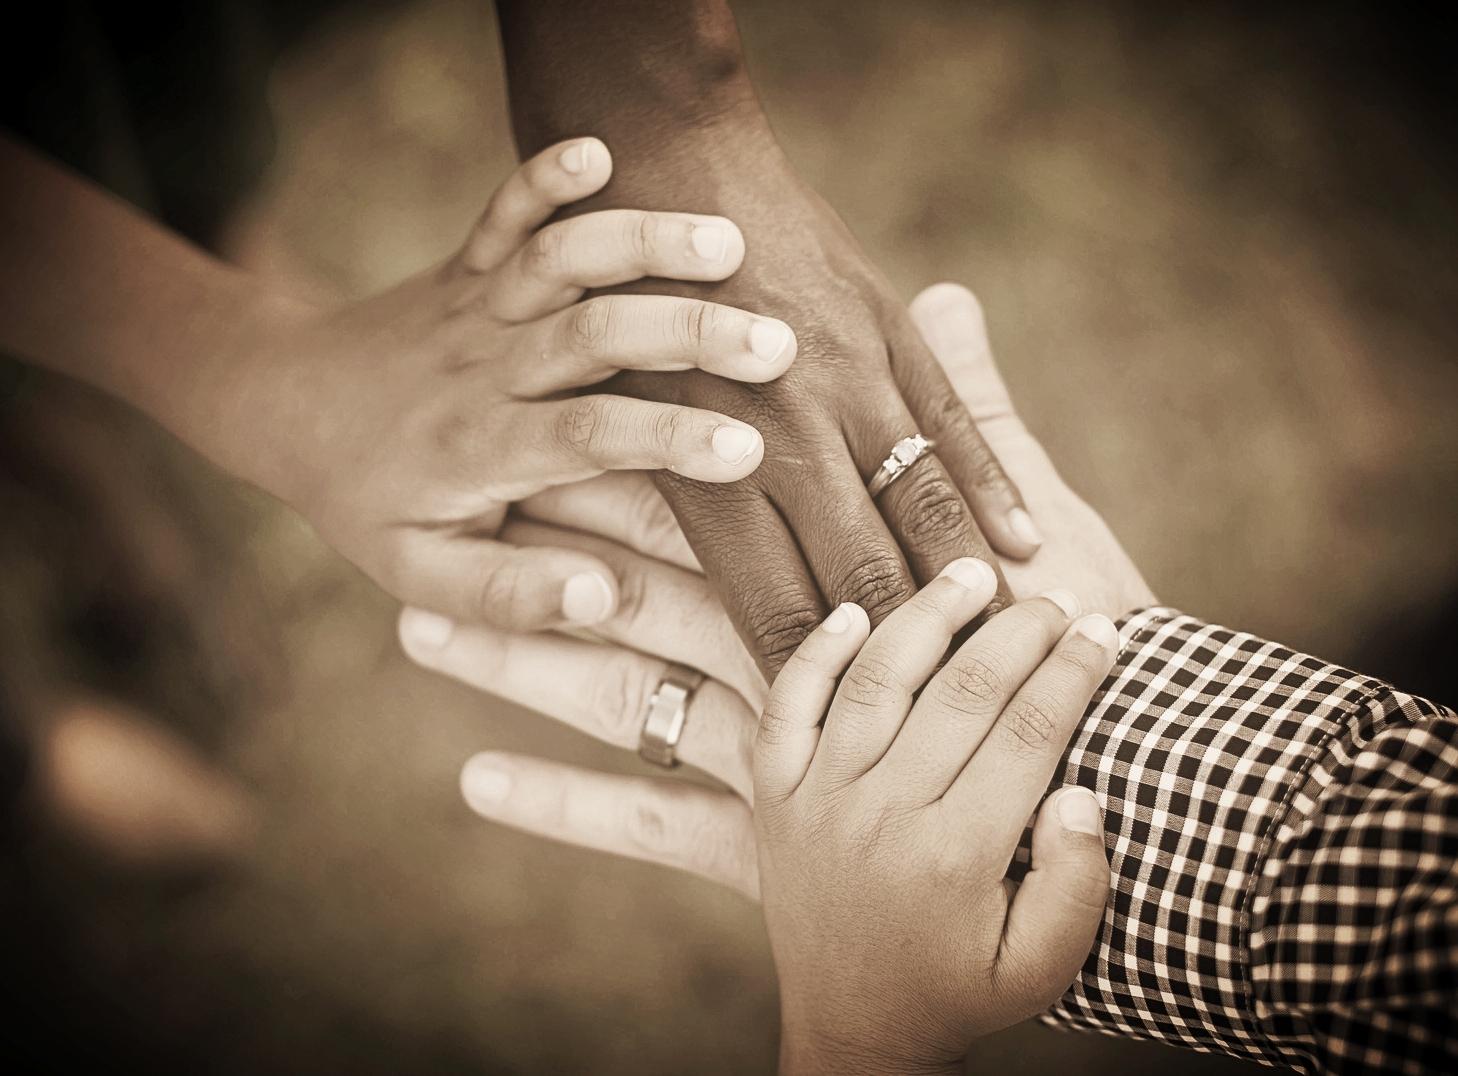 hands-1950985_1920-2.jpg